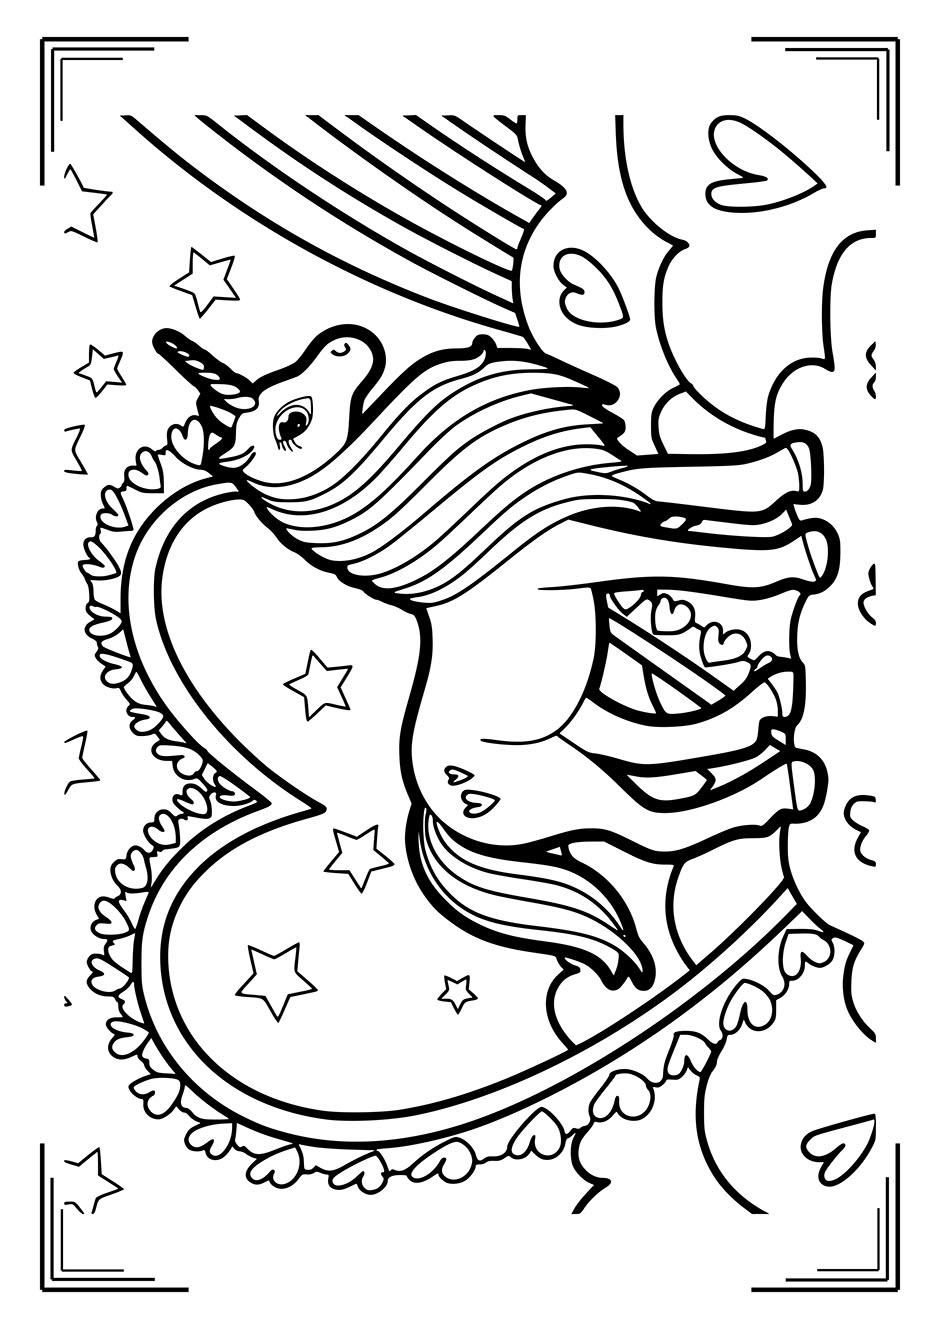 Раскраска: единорог и сердце — raskraski-a4.ru